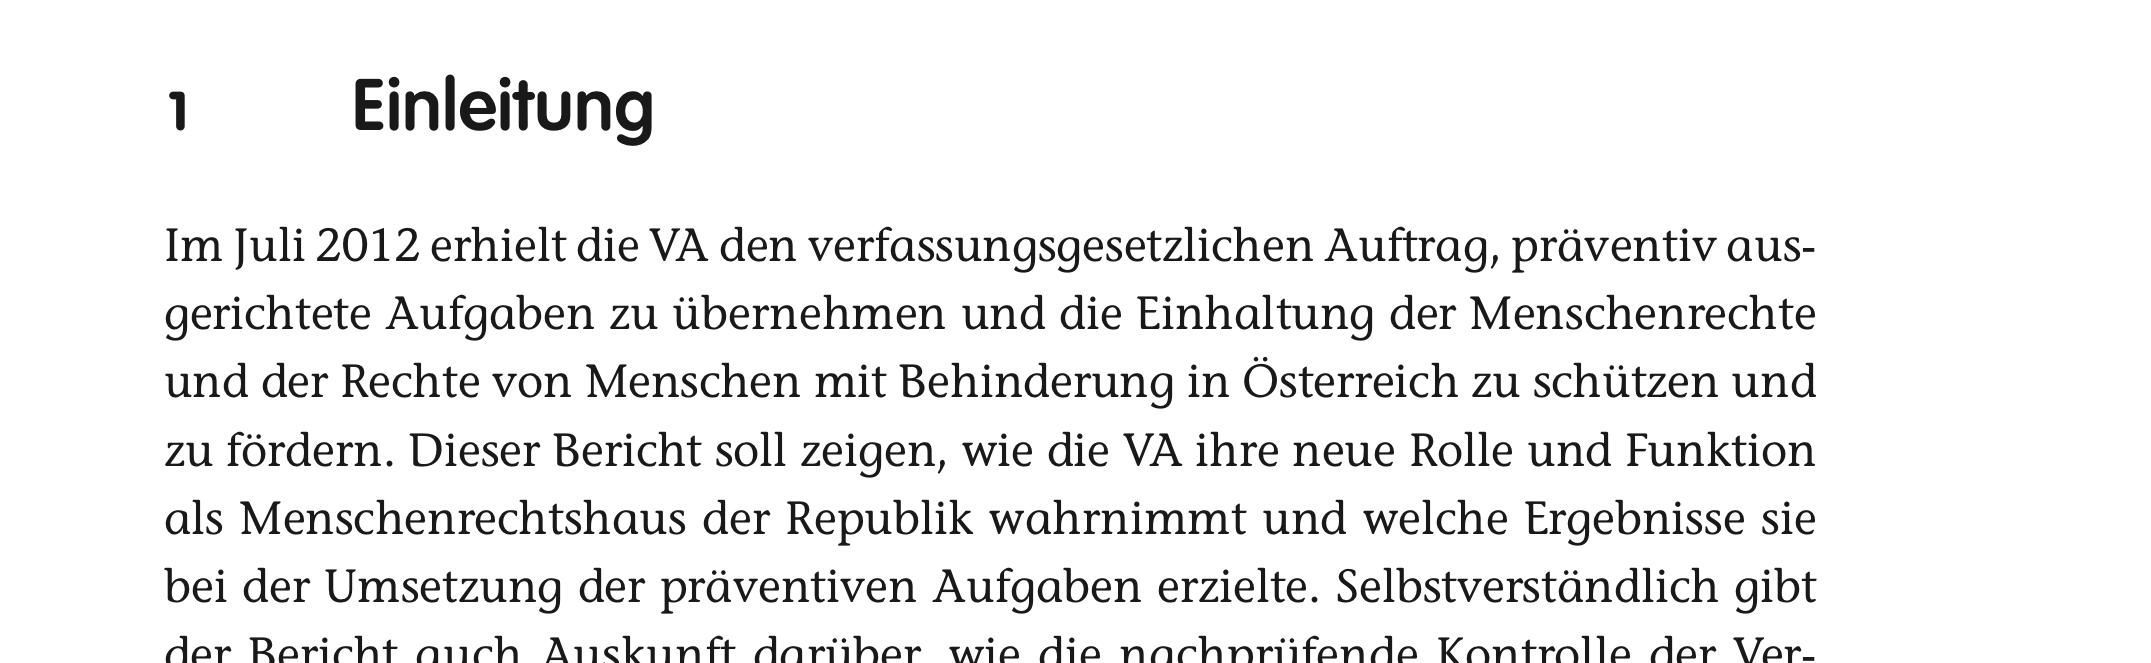 Auszug aus Bericht der Volksanwaltschaft